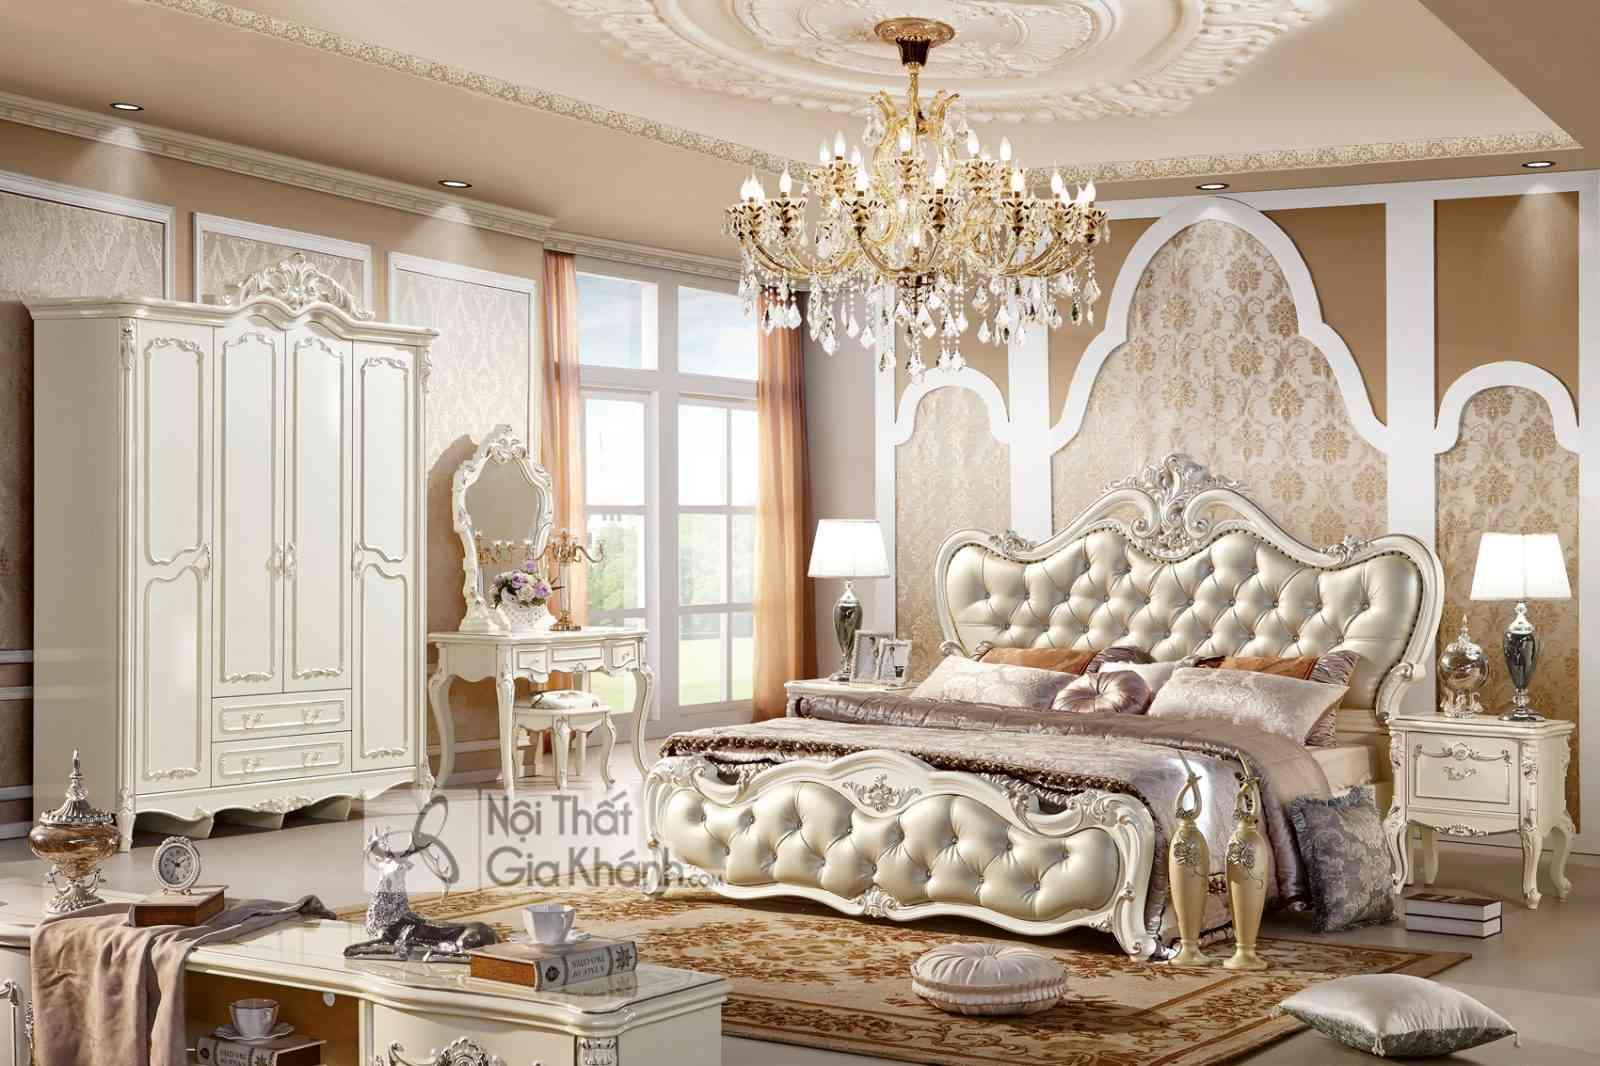 Mẫu giường ngủ đẹp màu trắng French White GI8802H